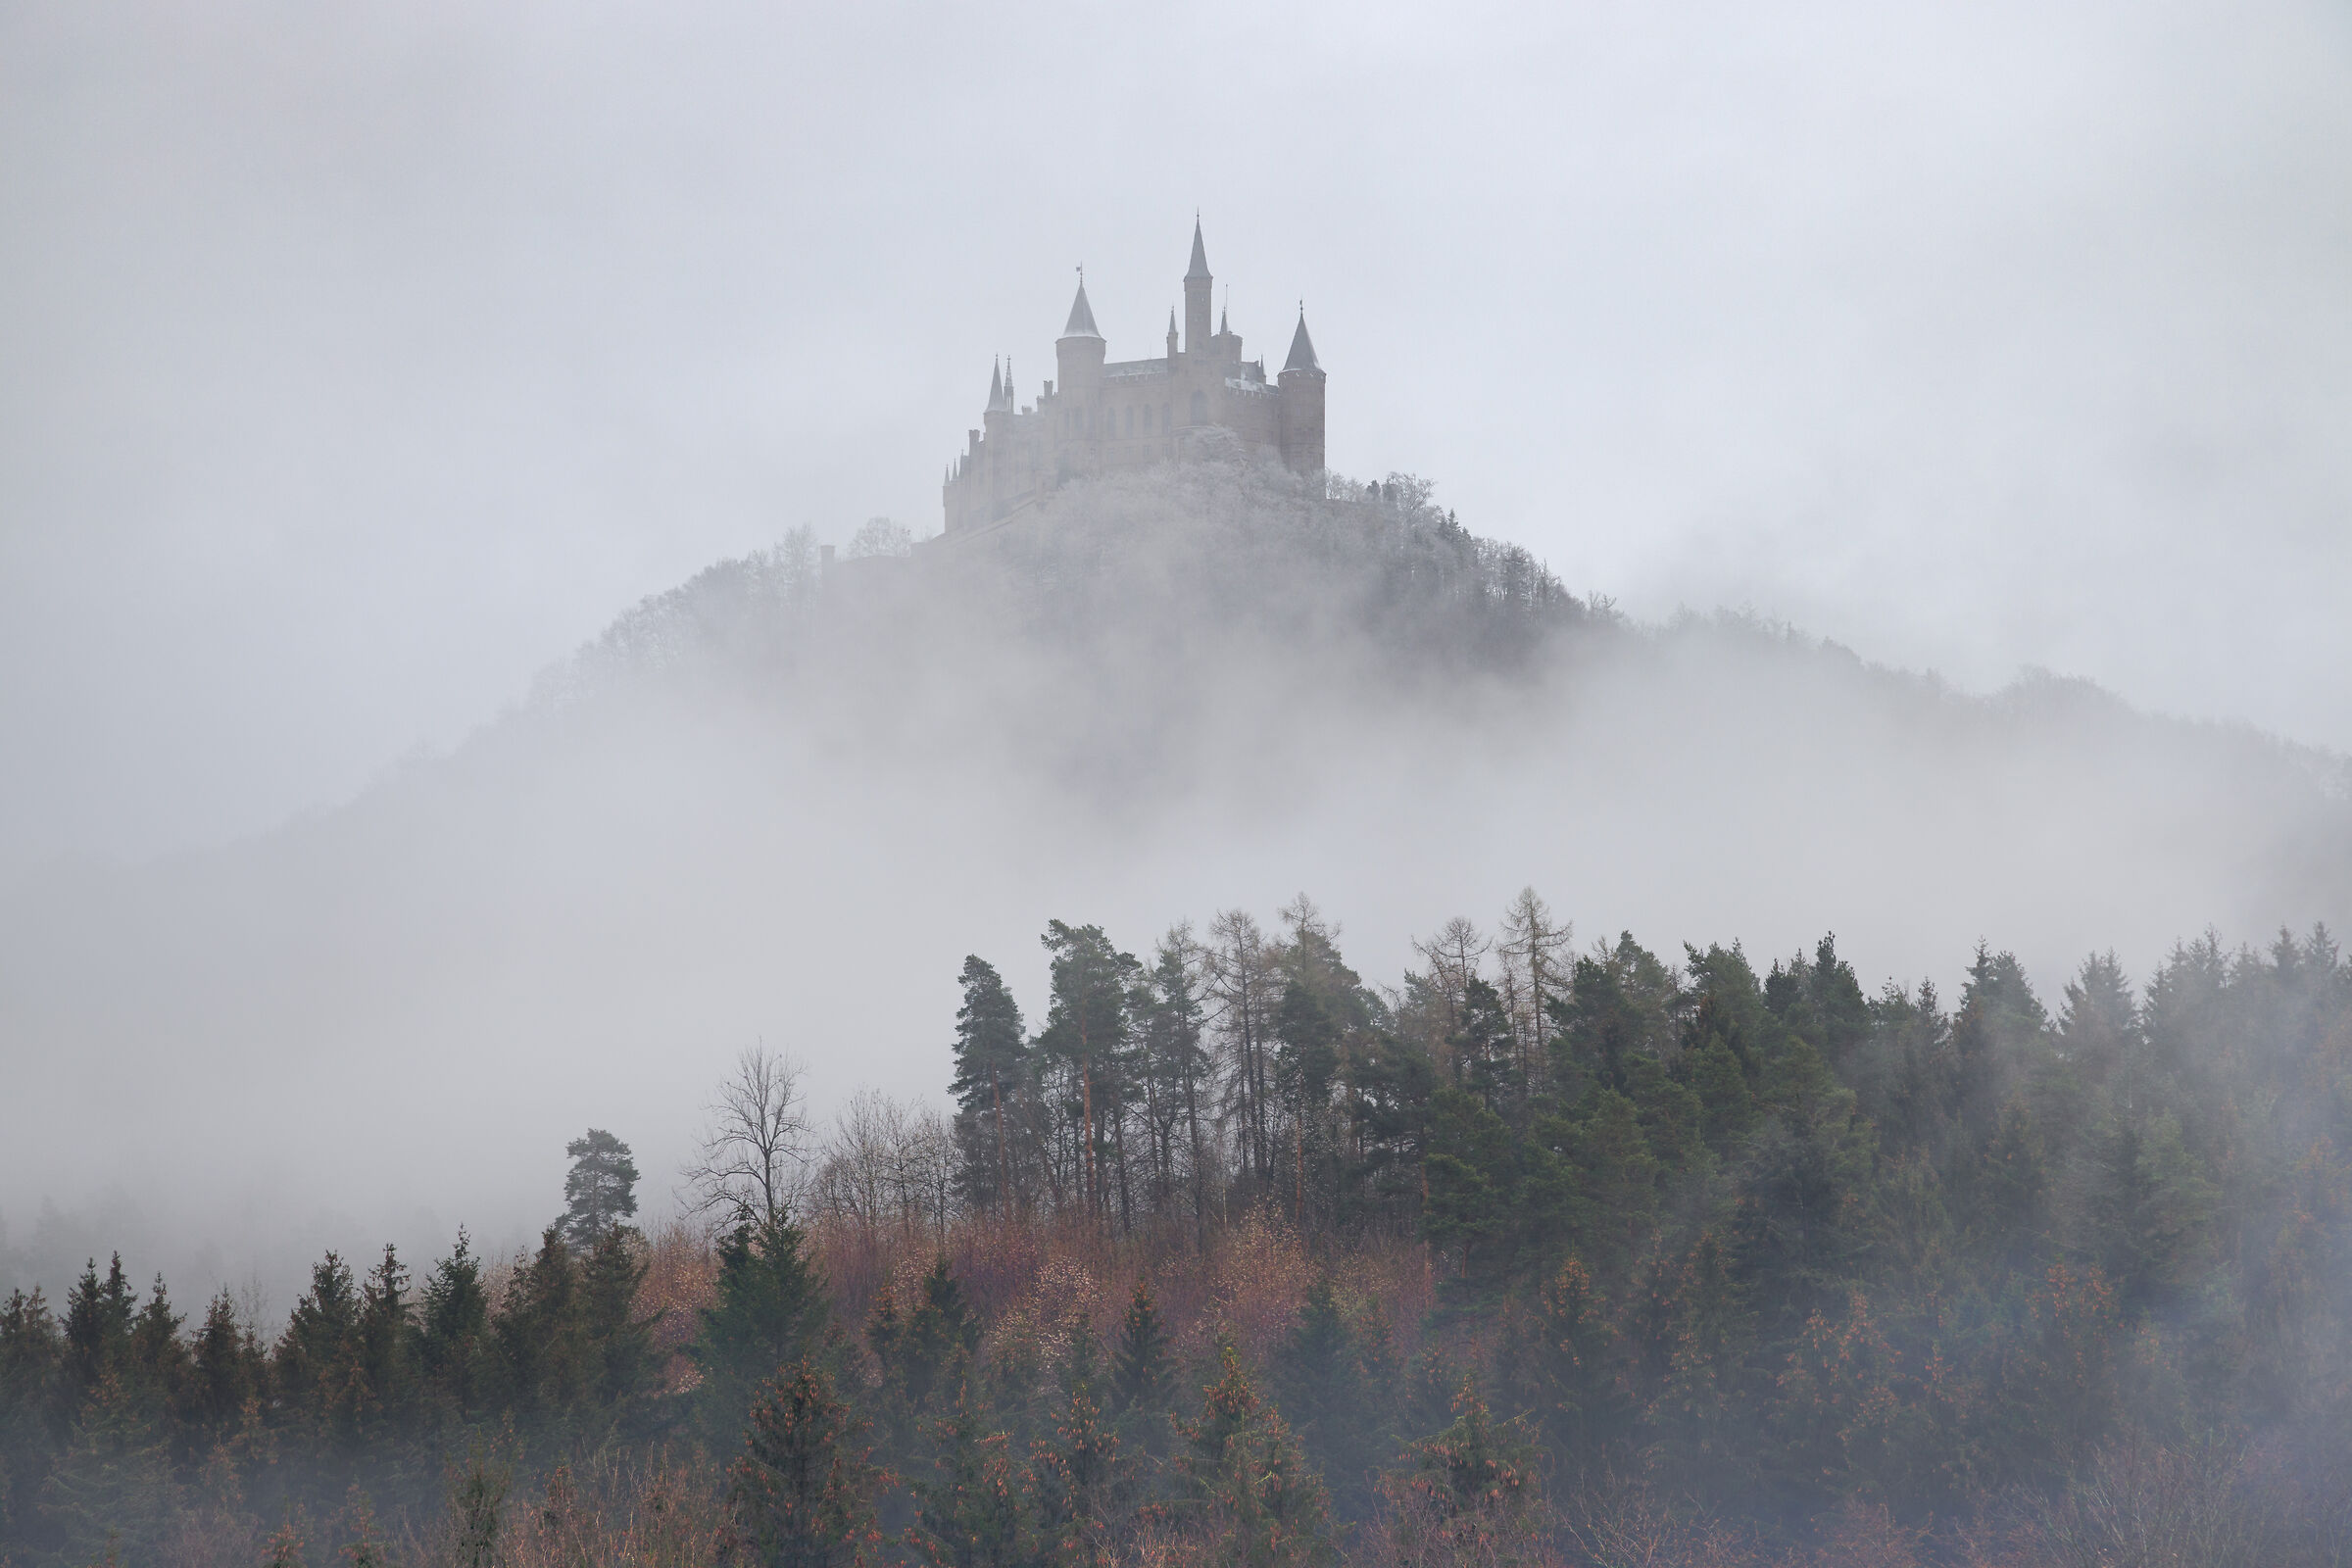 Il castello di Hohenzollern tra le nebbie...